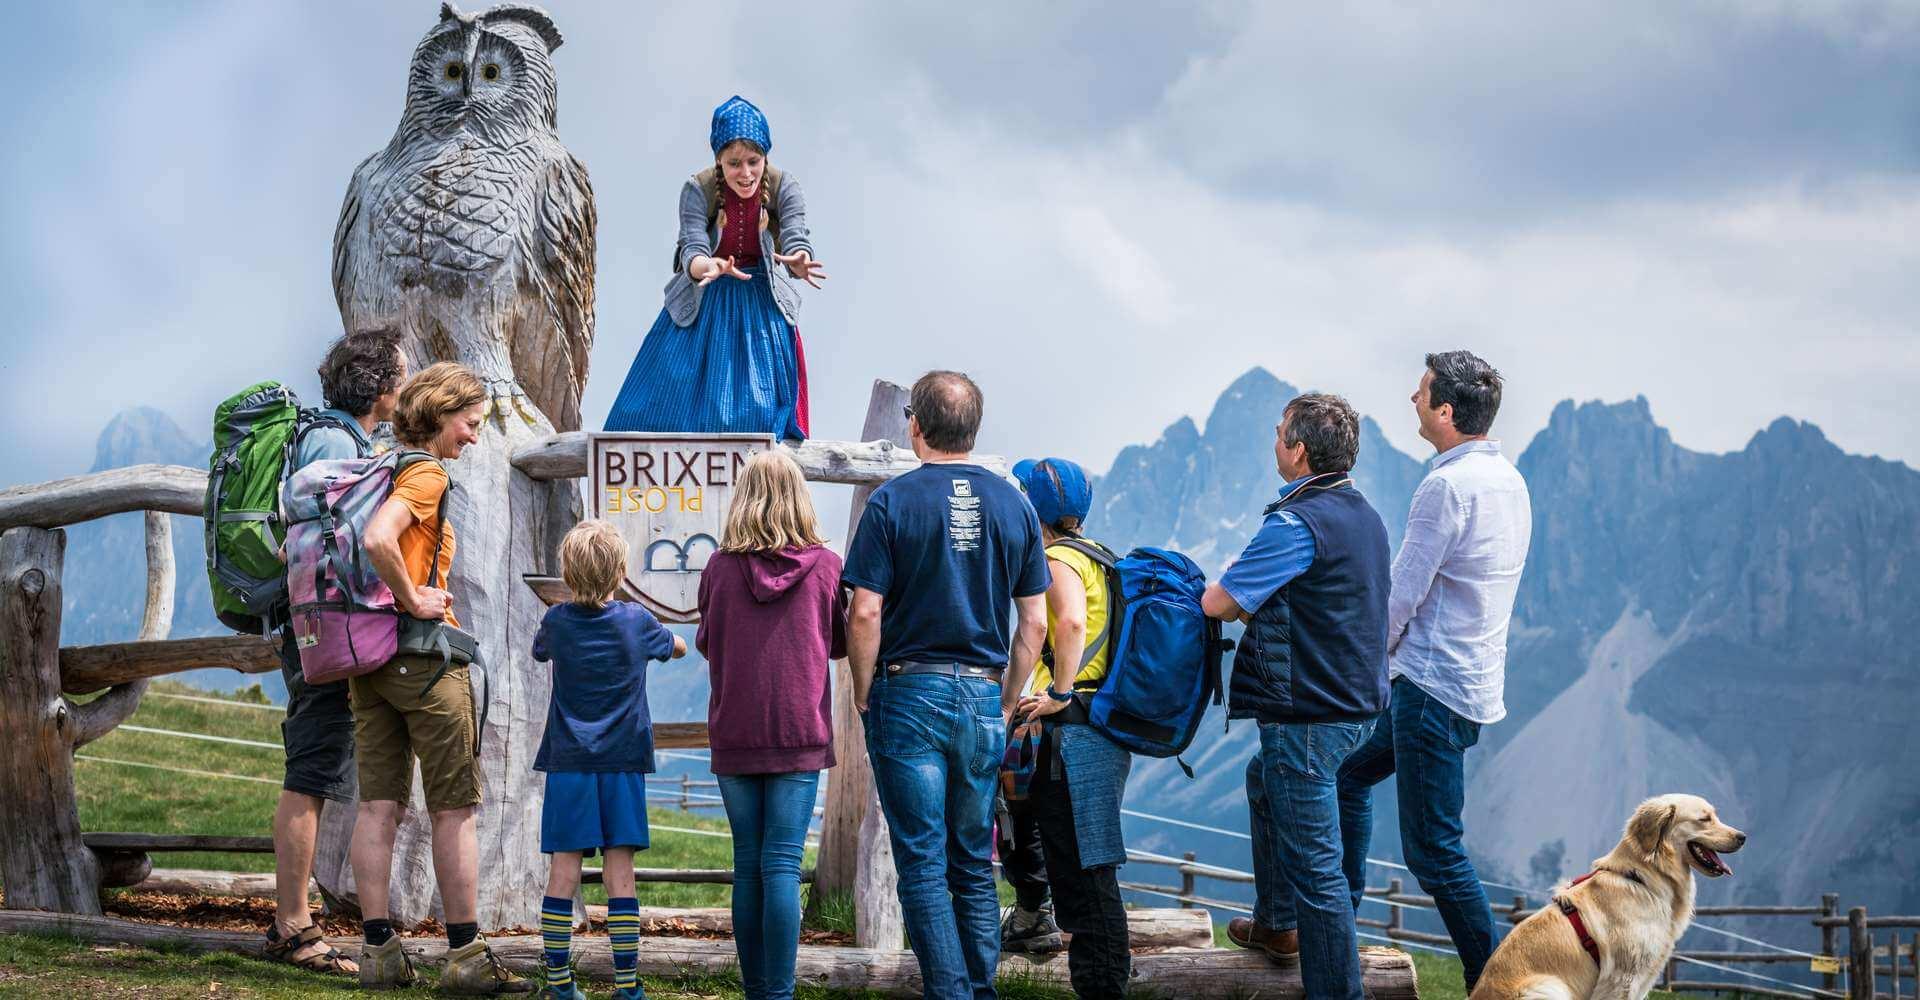 Sommerurlaub Wandern Brixen Plose